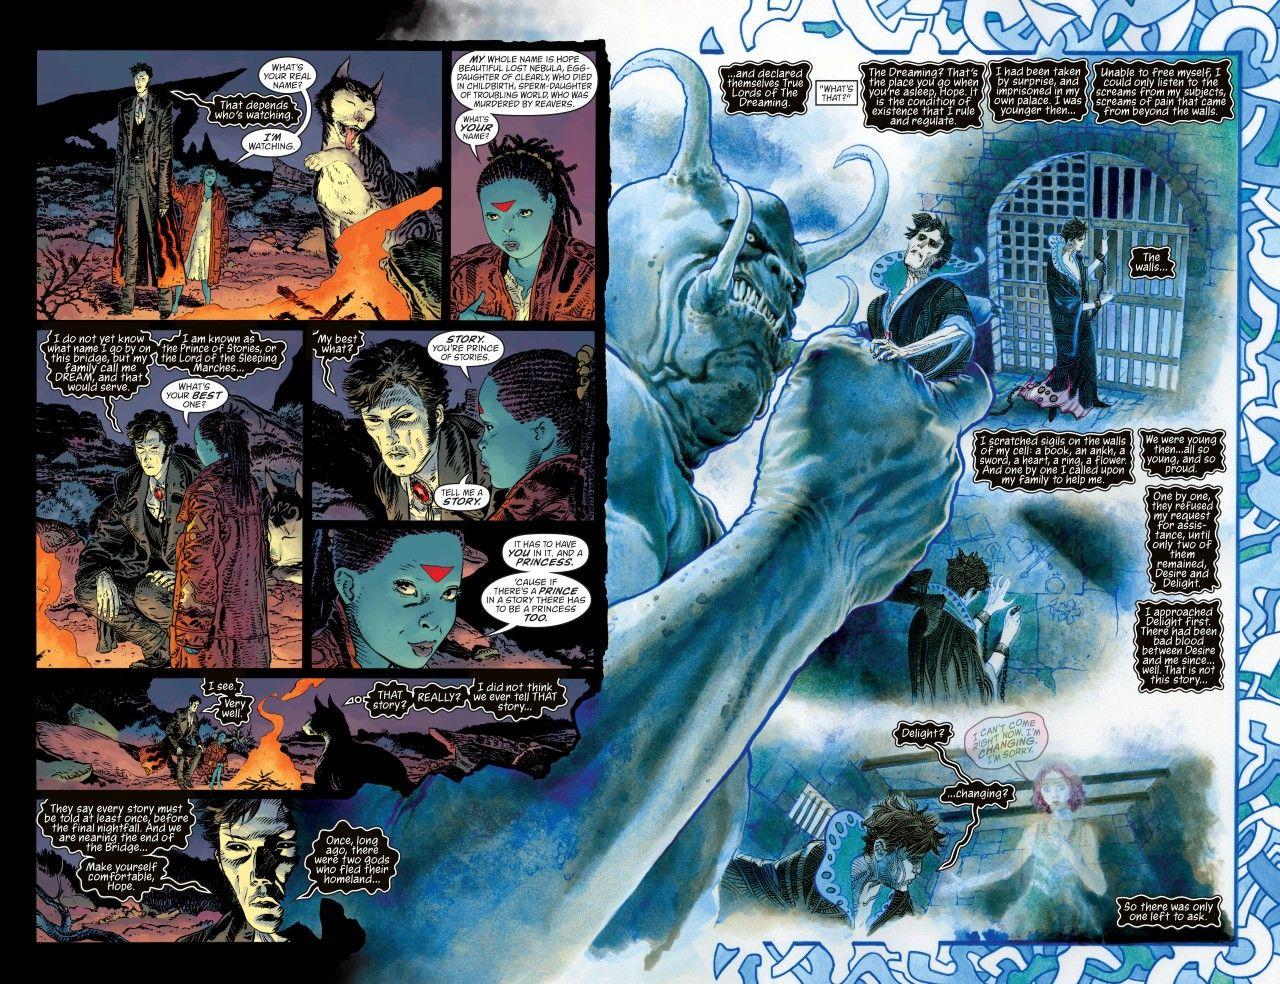 Sandman: Overture #3 (1). Neil Gaiman. J.H. Williams III.